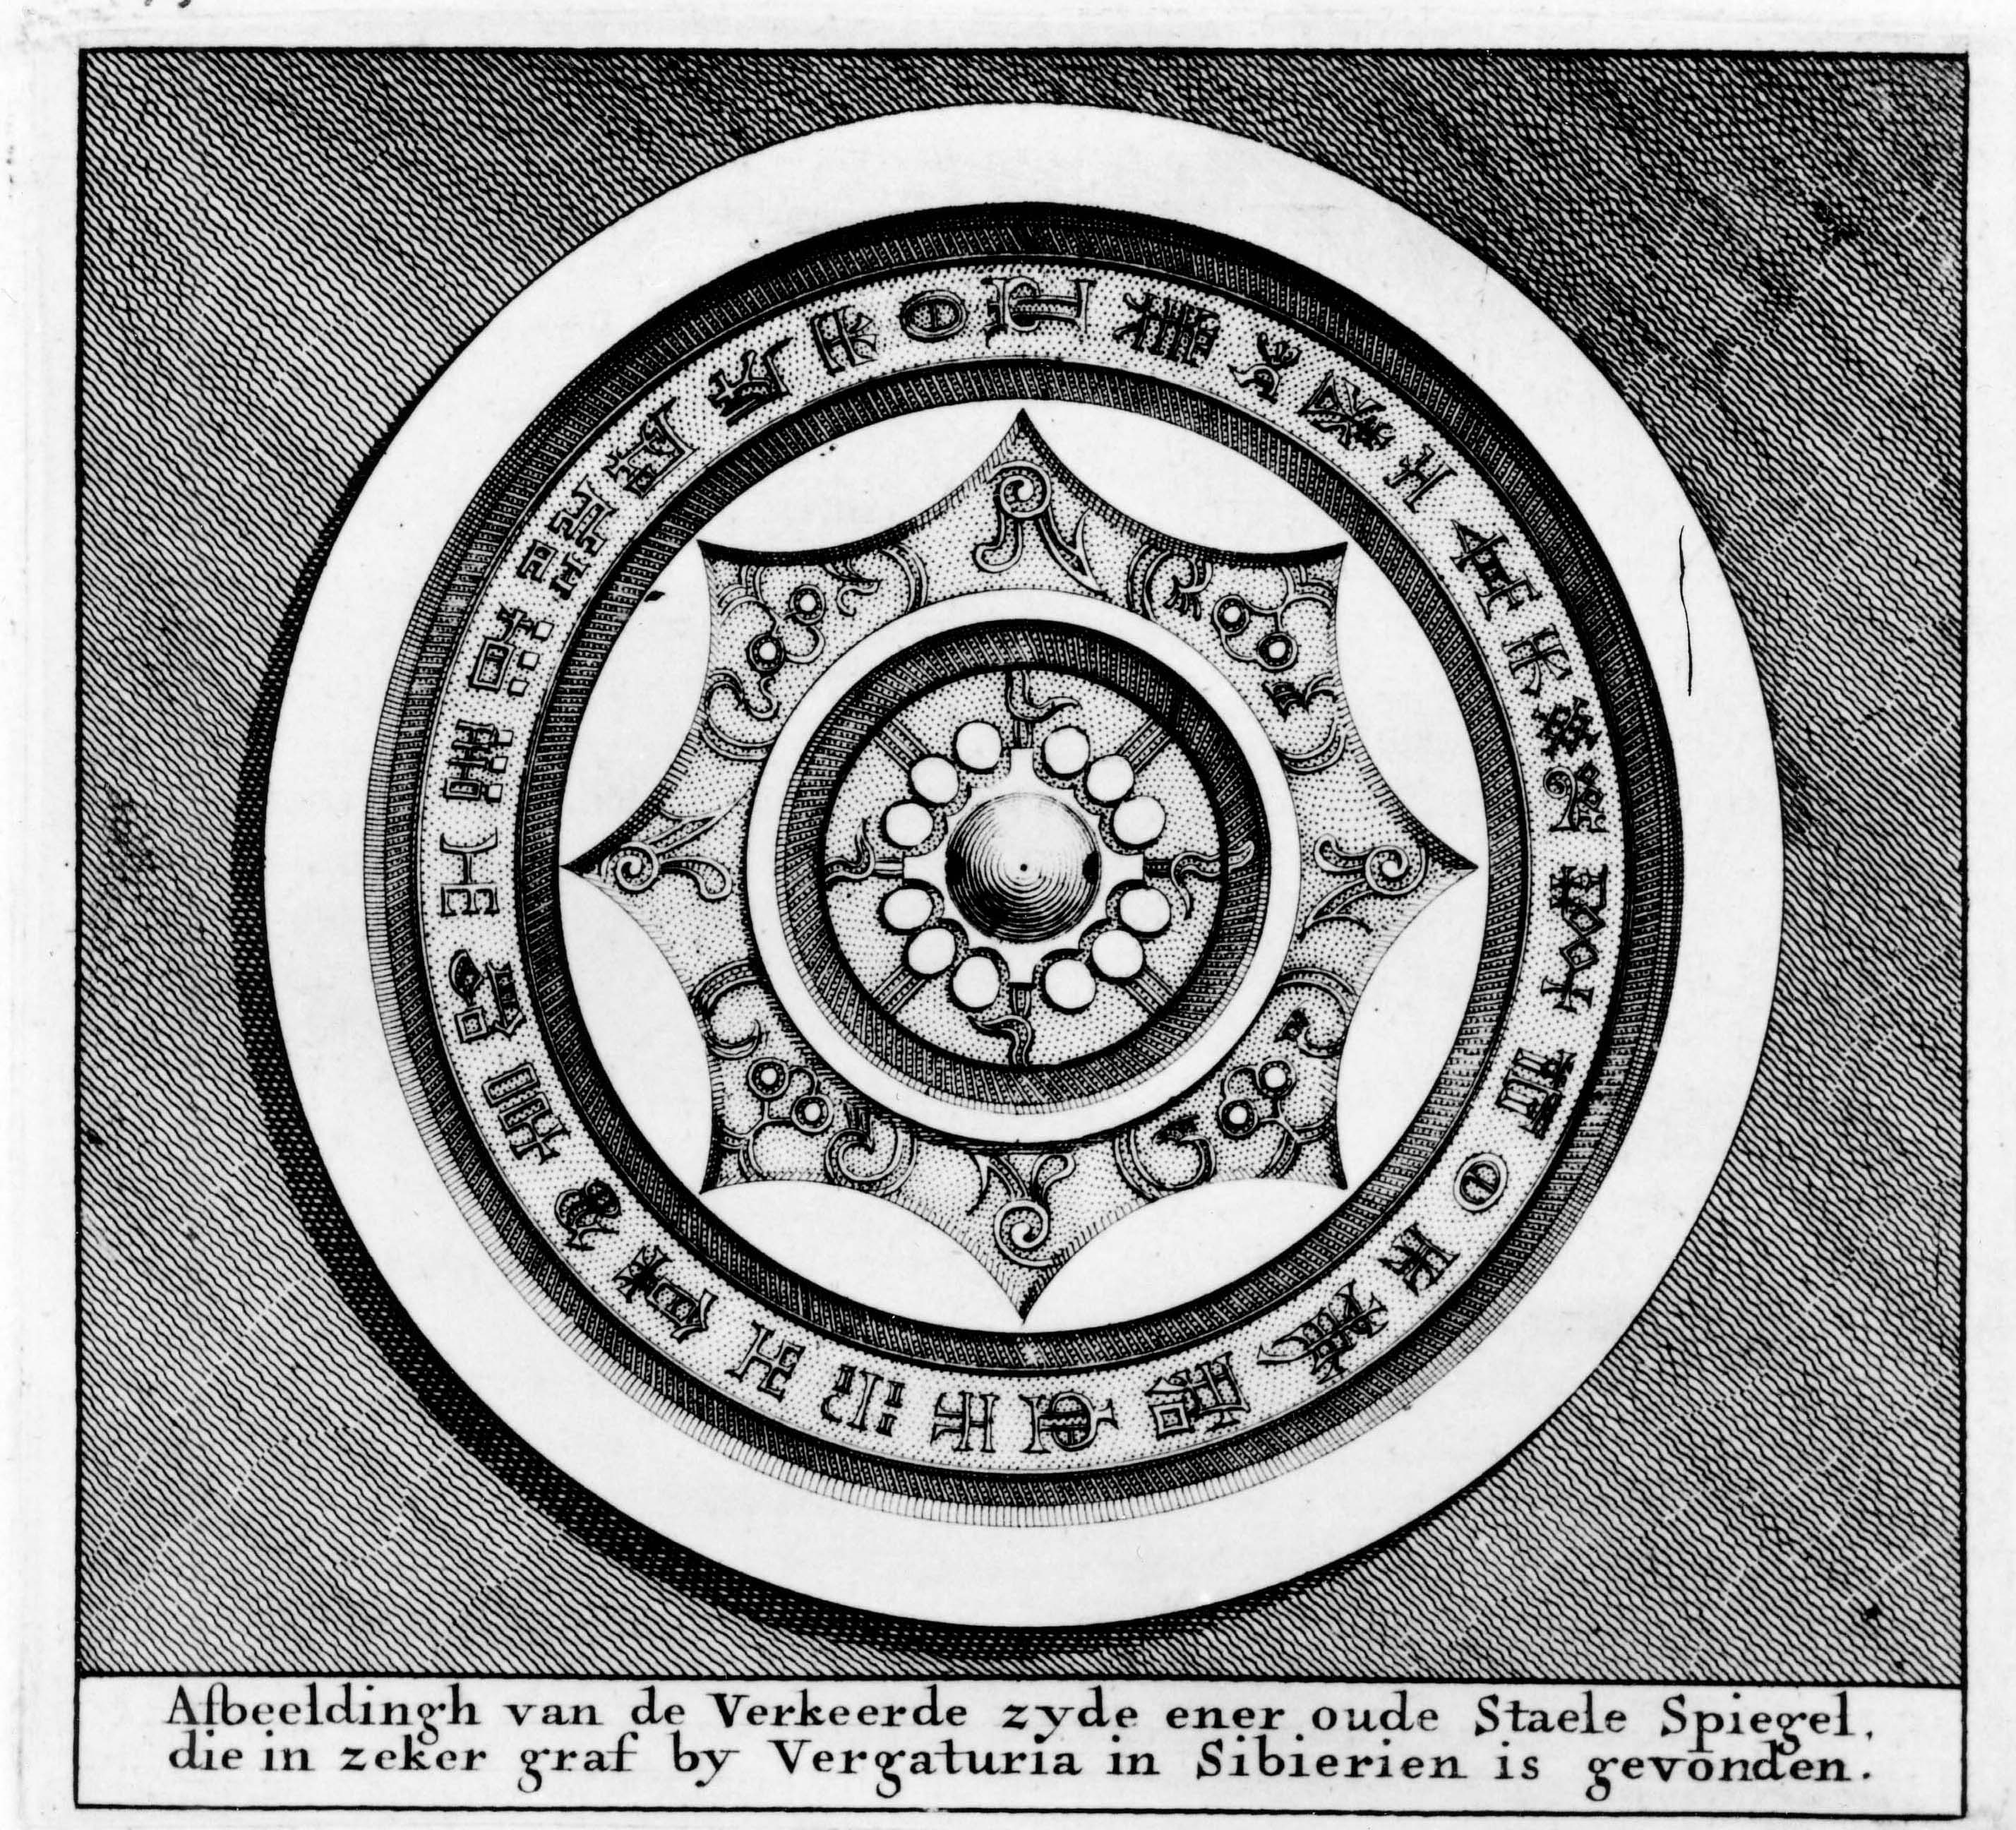 Изображение обратной стороны древнего Стального Зеркала, найденного в некой могиле около Верхатурья в Сибири